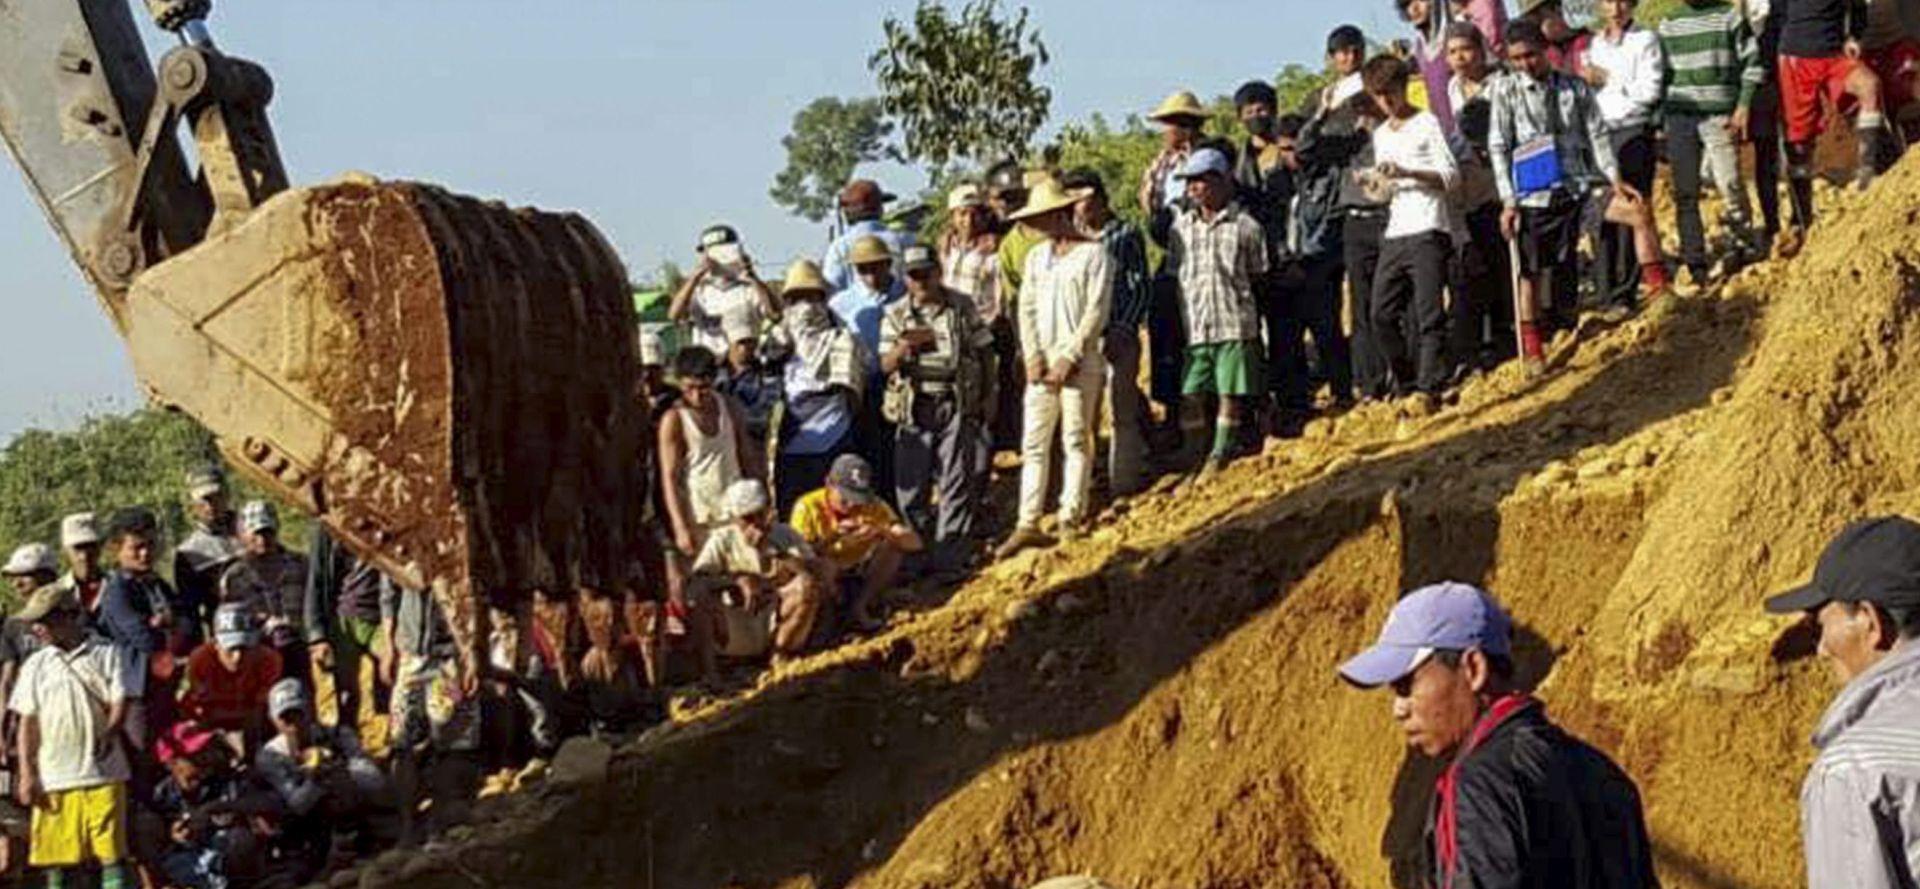 SKOČIO U RUDNIK: Vlasnik rudnika u Kini nakon nesreće počinio samoubojstvo